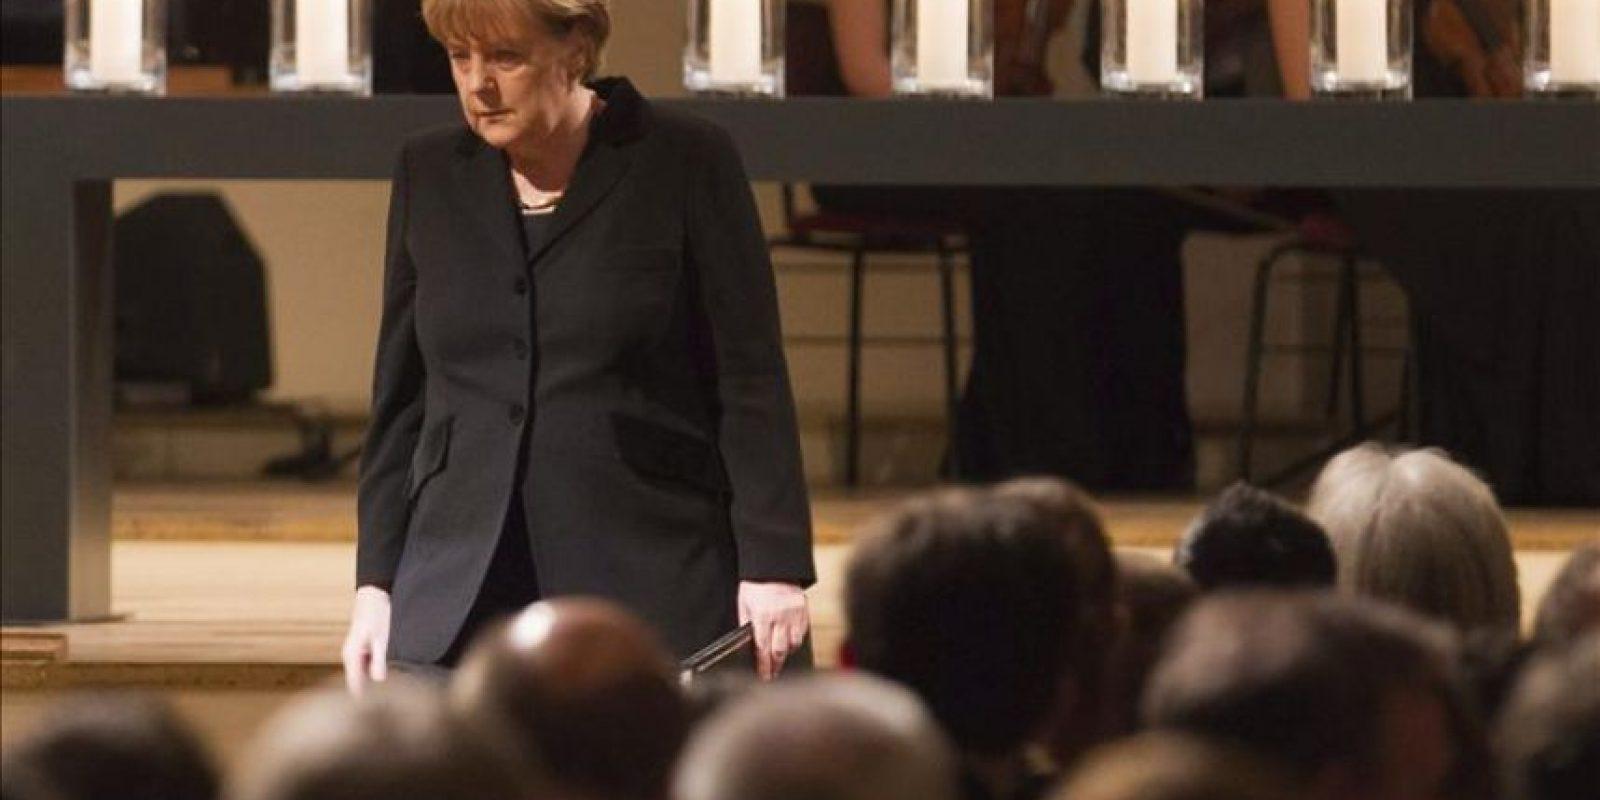 La canciller alemana, Angela Merkel, durante el acto de homenaje a las diez víctimas mortales -nueve extranjeros y una policía- del comando terrorista neonazi descubierto el pasado noviembre y cuya existencia conmocionó a Alemania, celebrado en la Konzerthaus, en Berlín (Alemania) hoy, jueves 23 de febrero de 2012. EFE